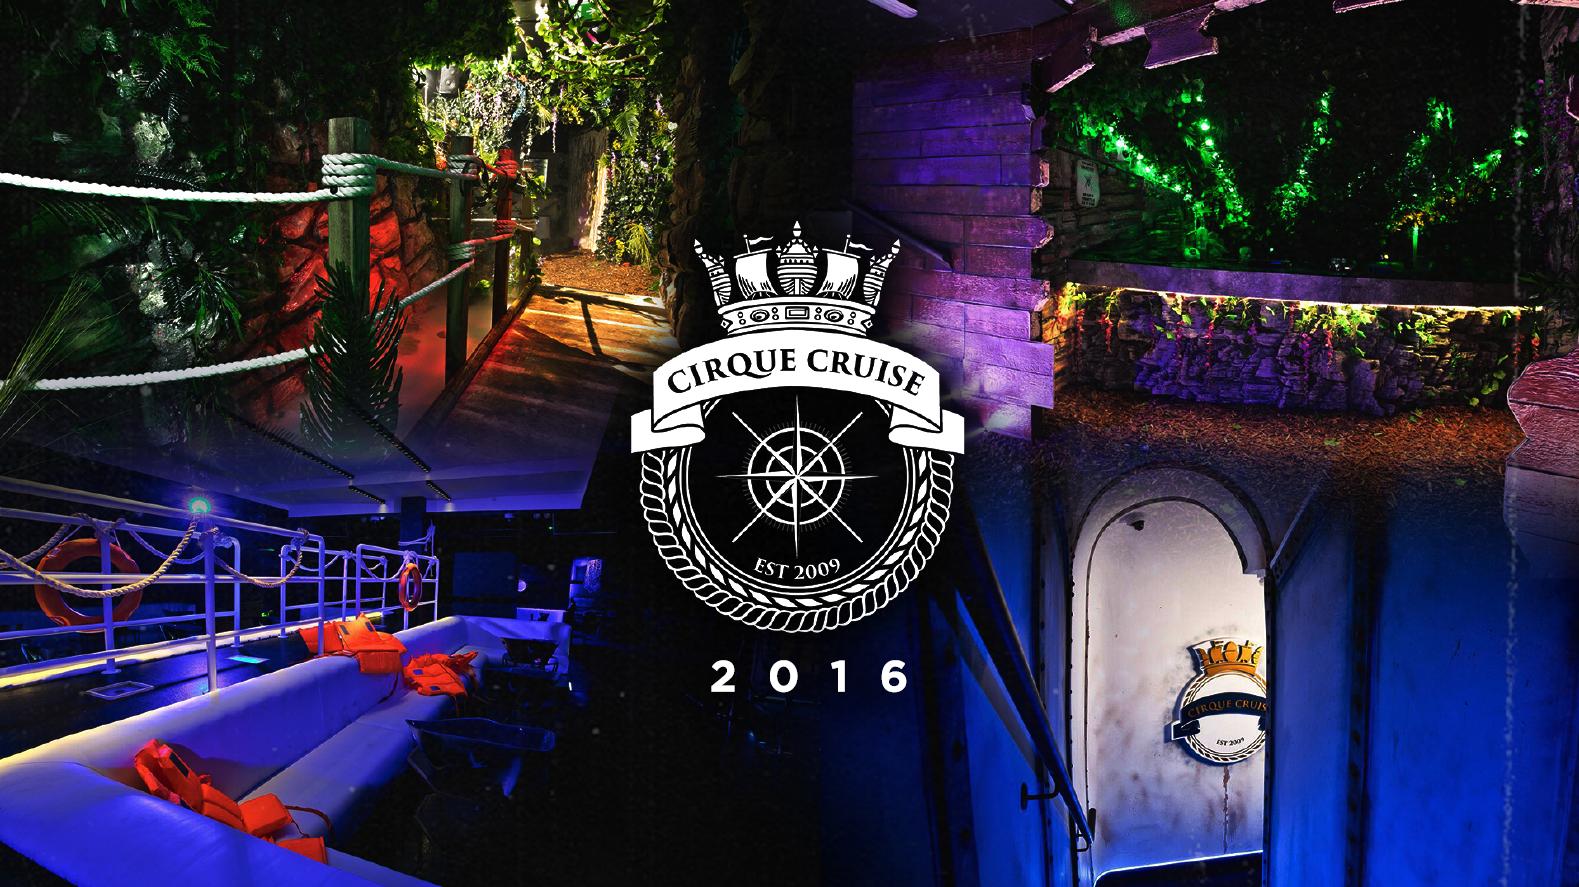 Cirque Cruise 2016